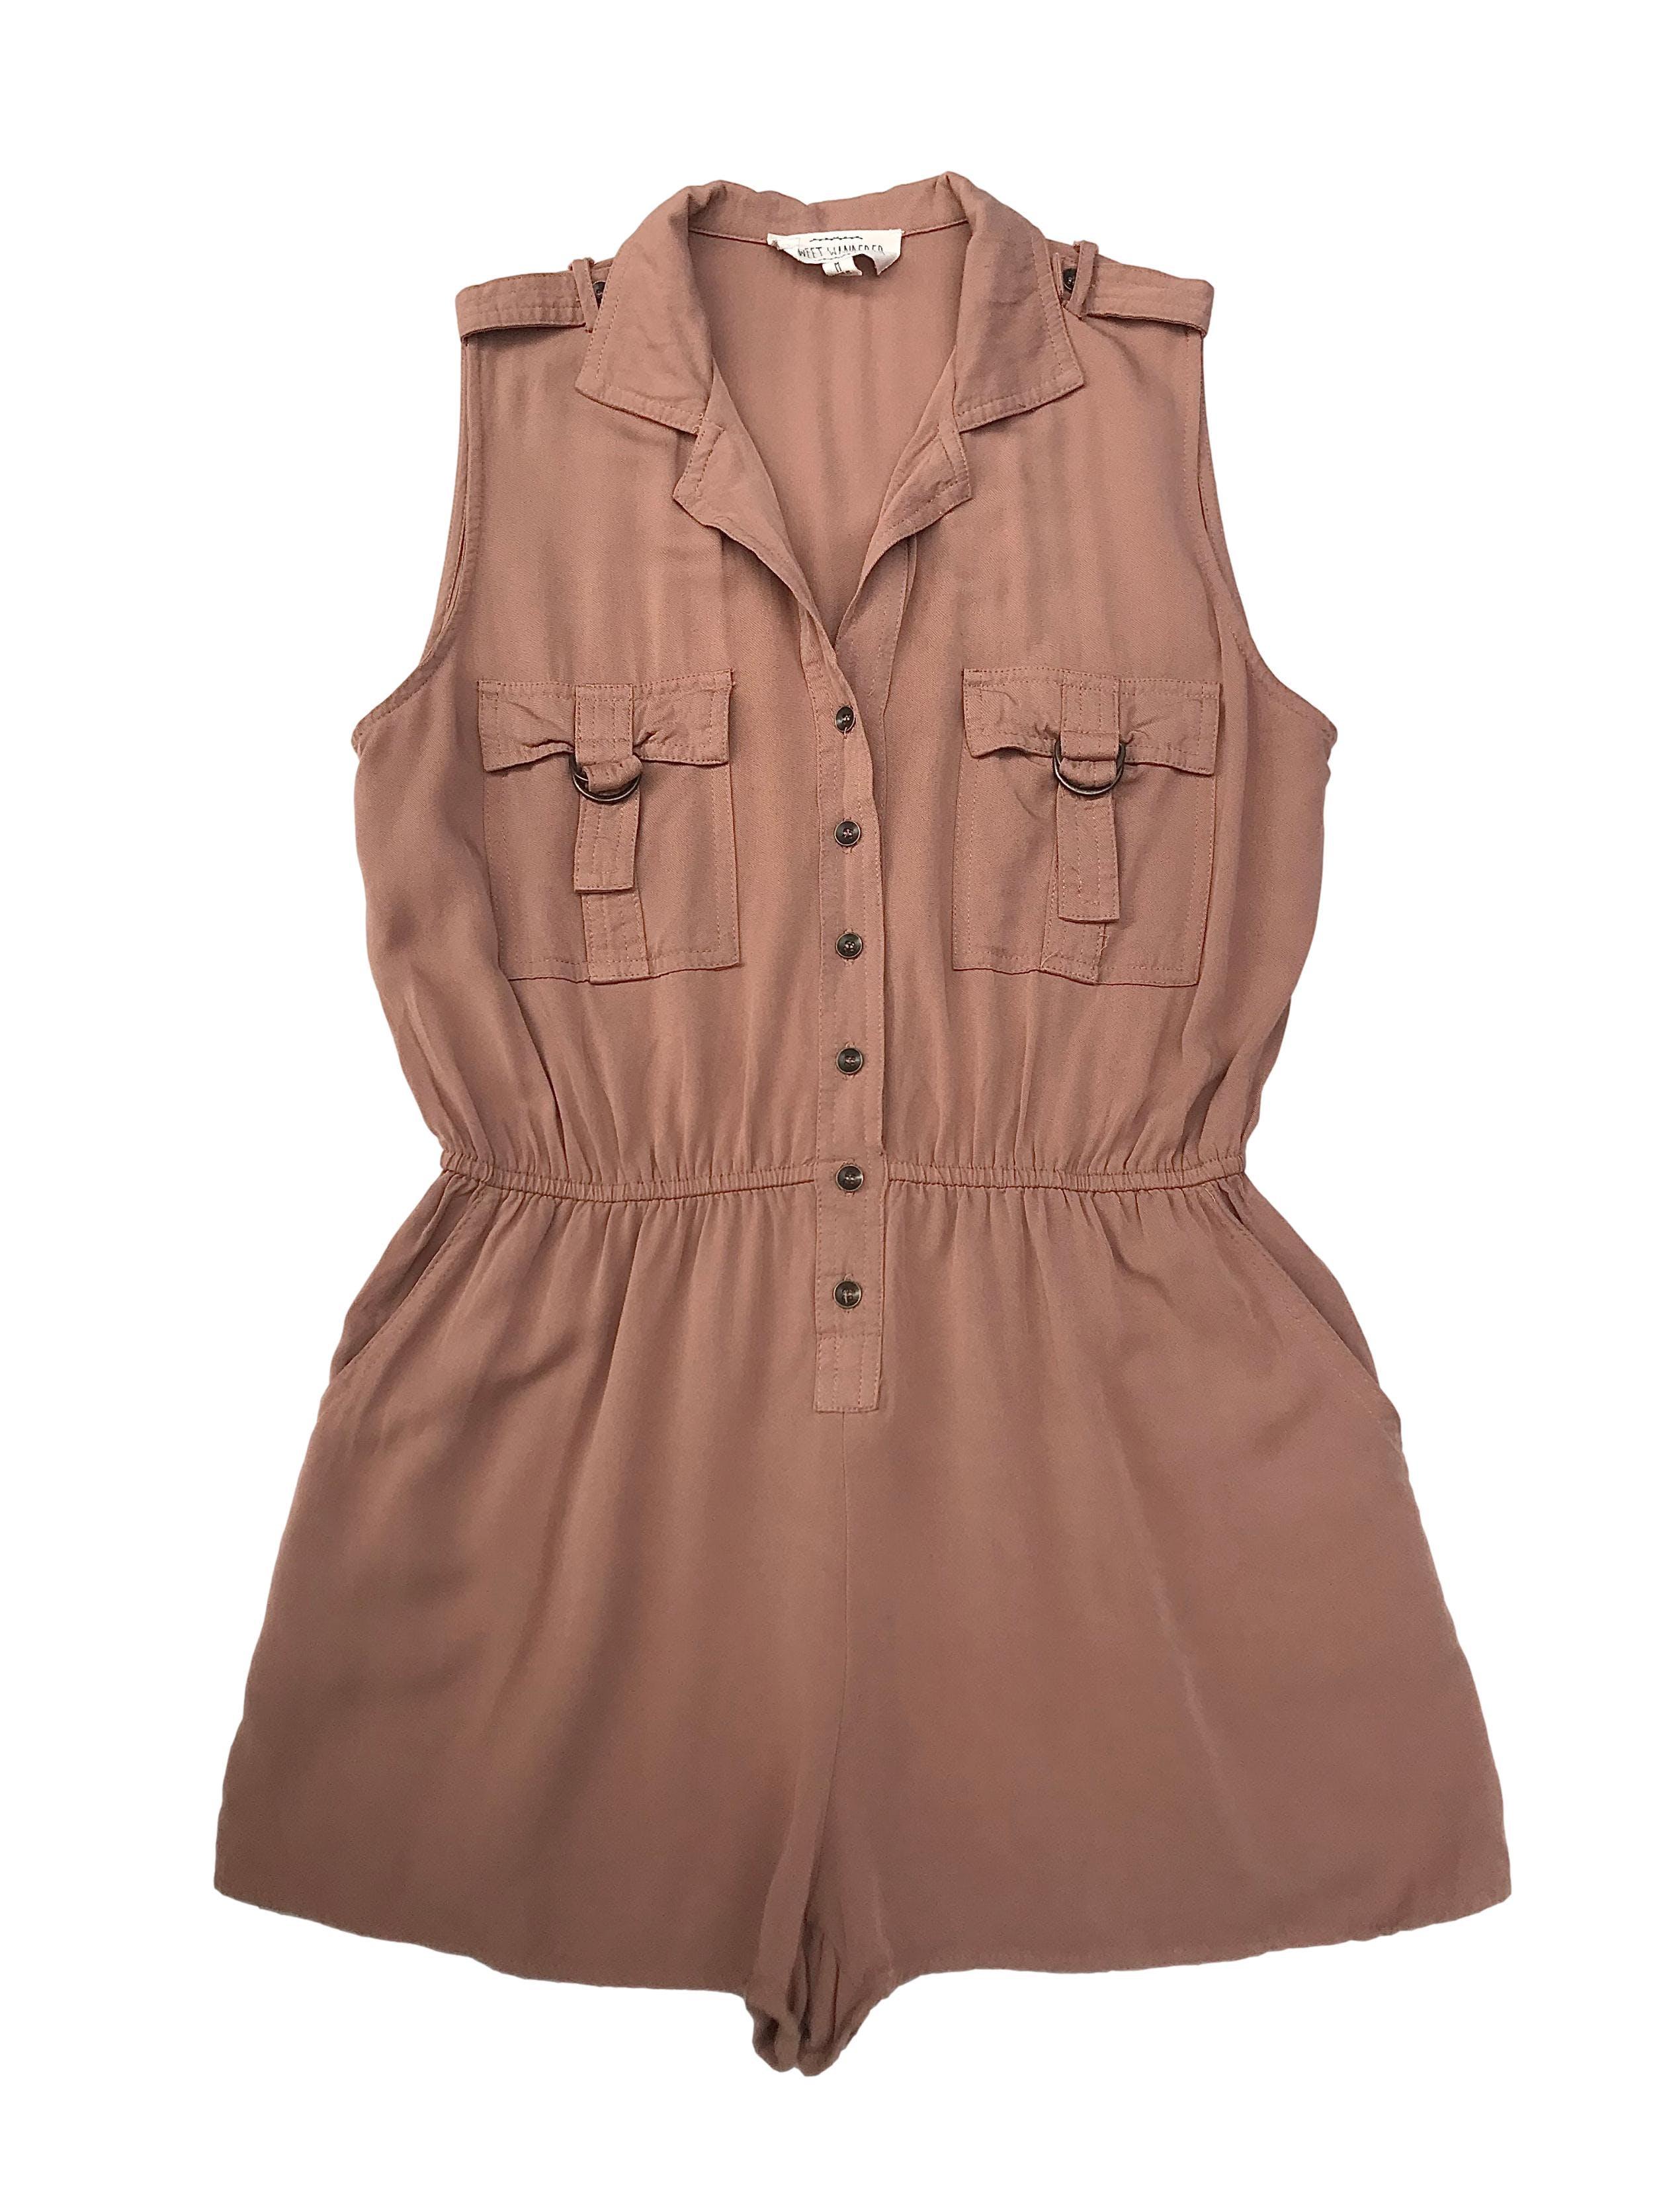 Enterizo short Sweet Wanderer color camel con elástico en la cintura y bolsillos laterales, botones al centro. Largo 70cm Busto 100cm